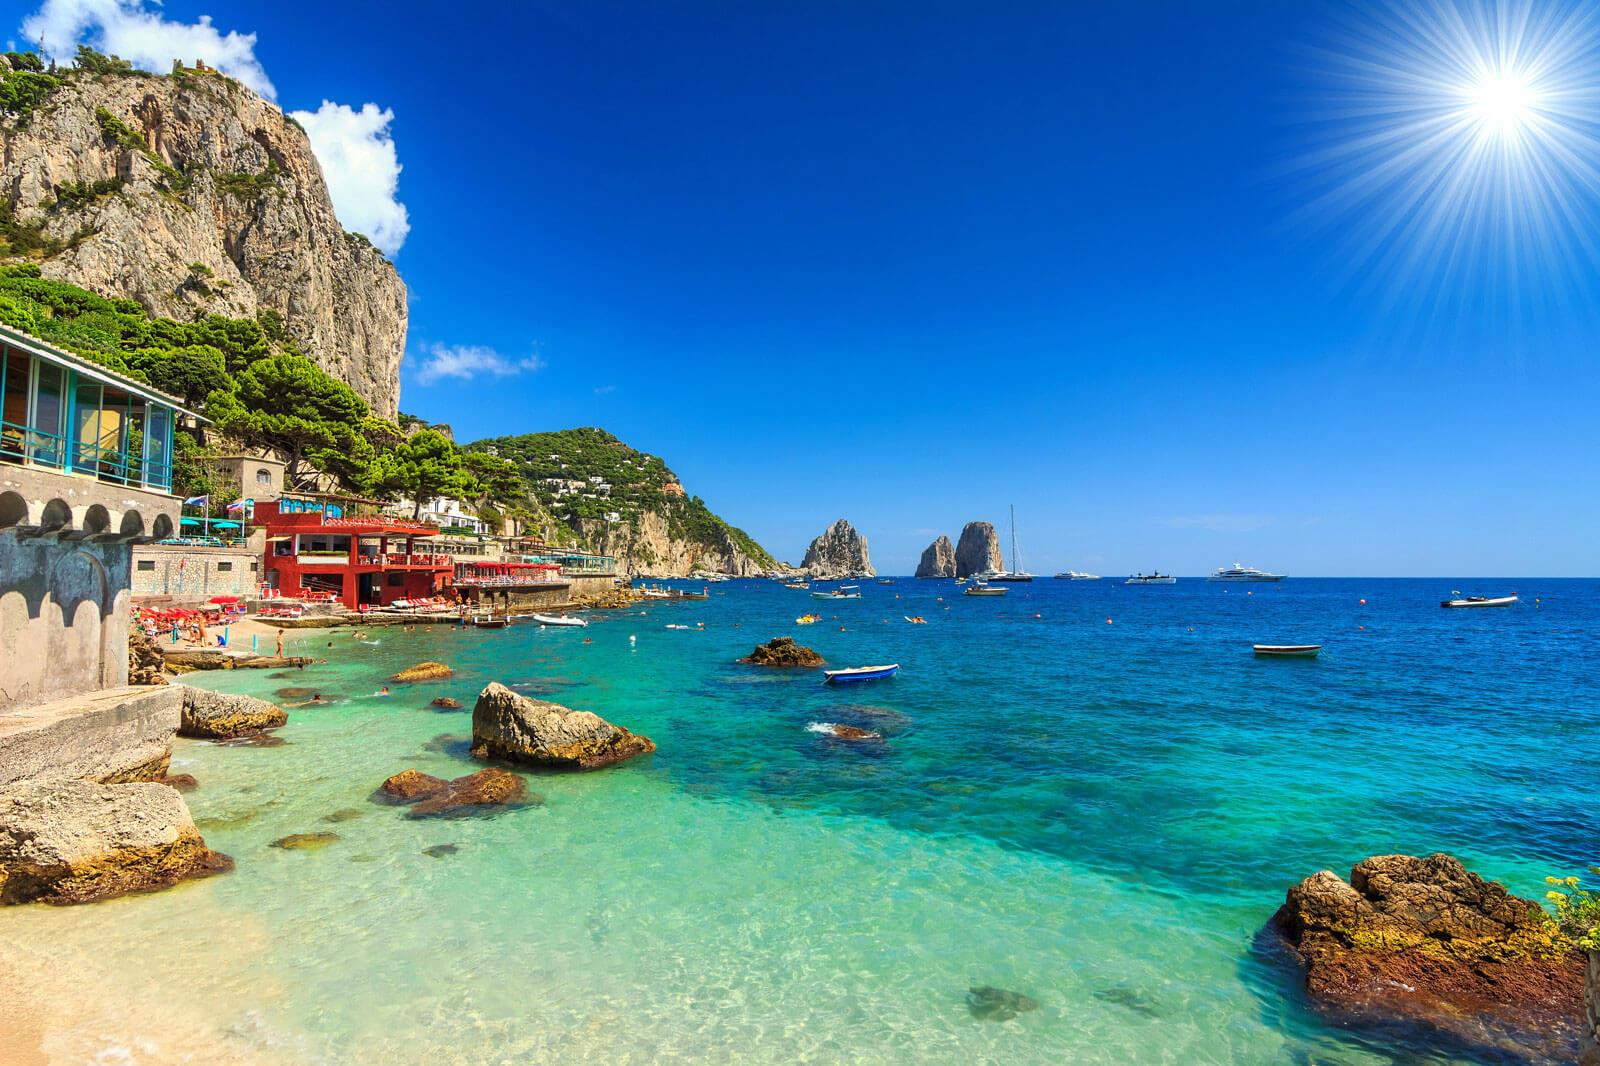 Capri boat private excursion